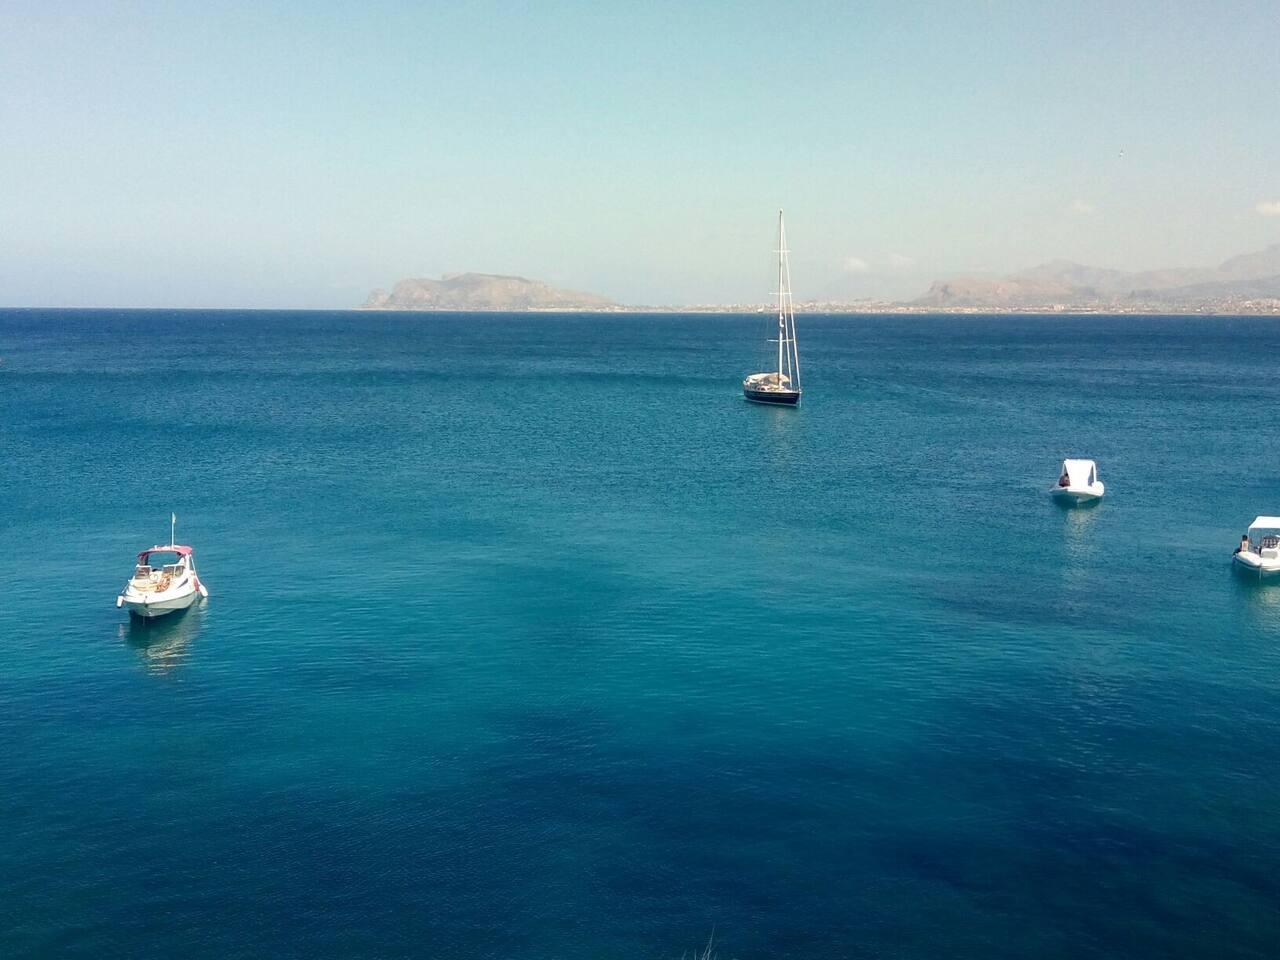 il mare di fronte - the seaview from the terrace